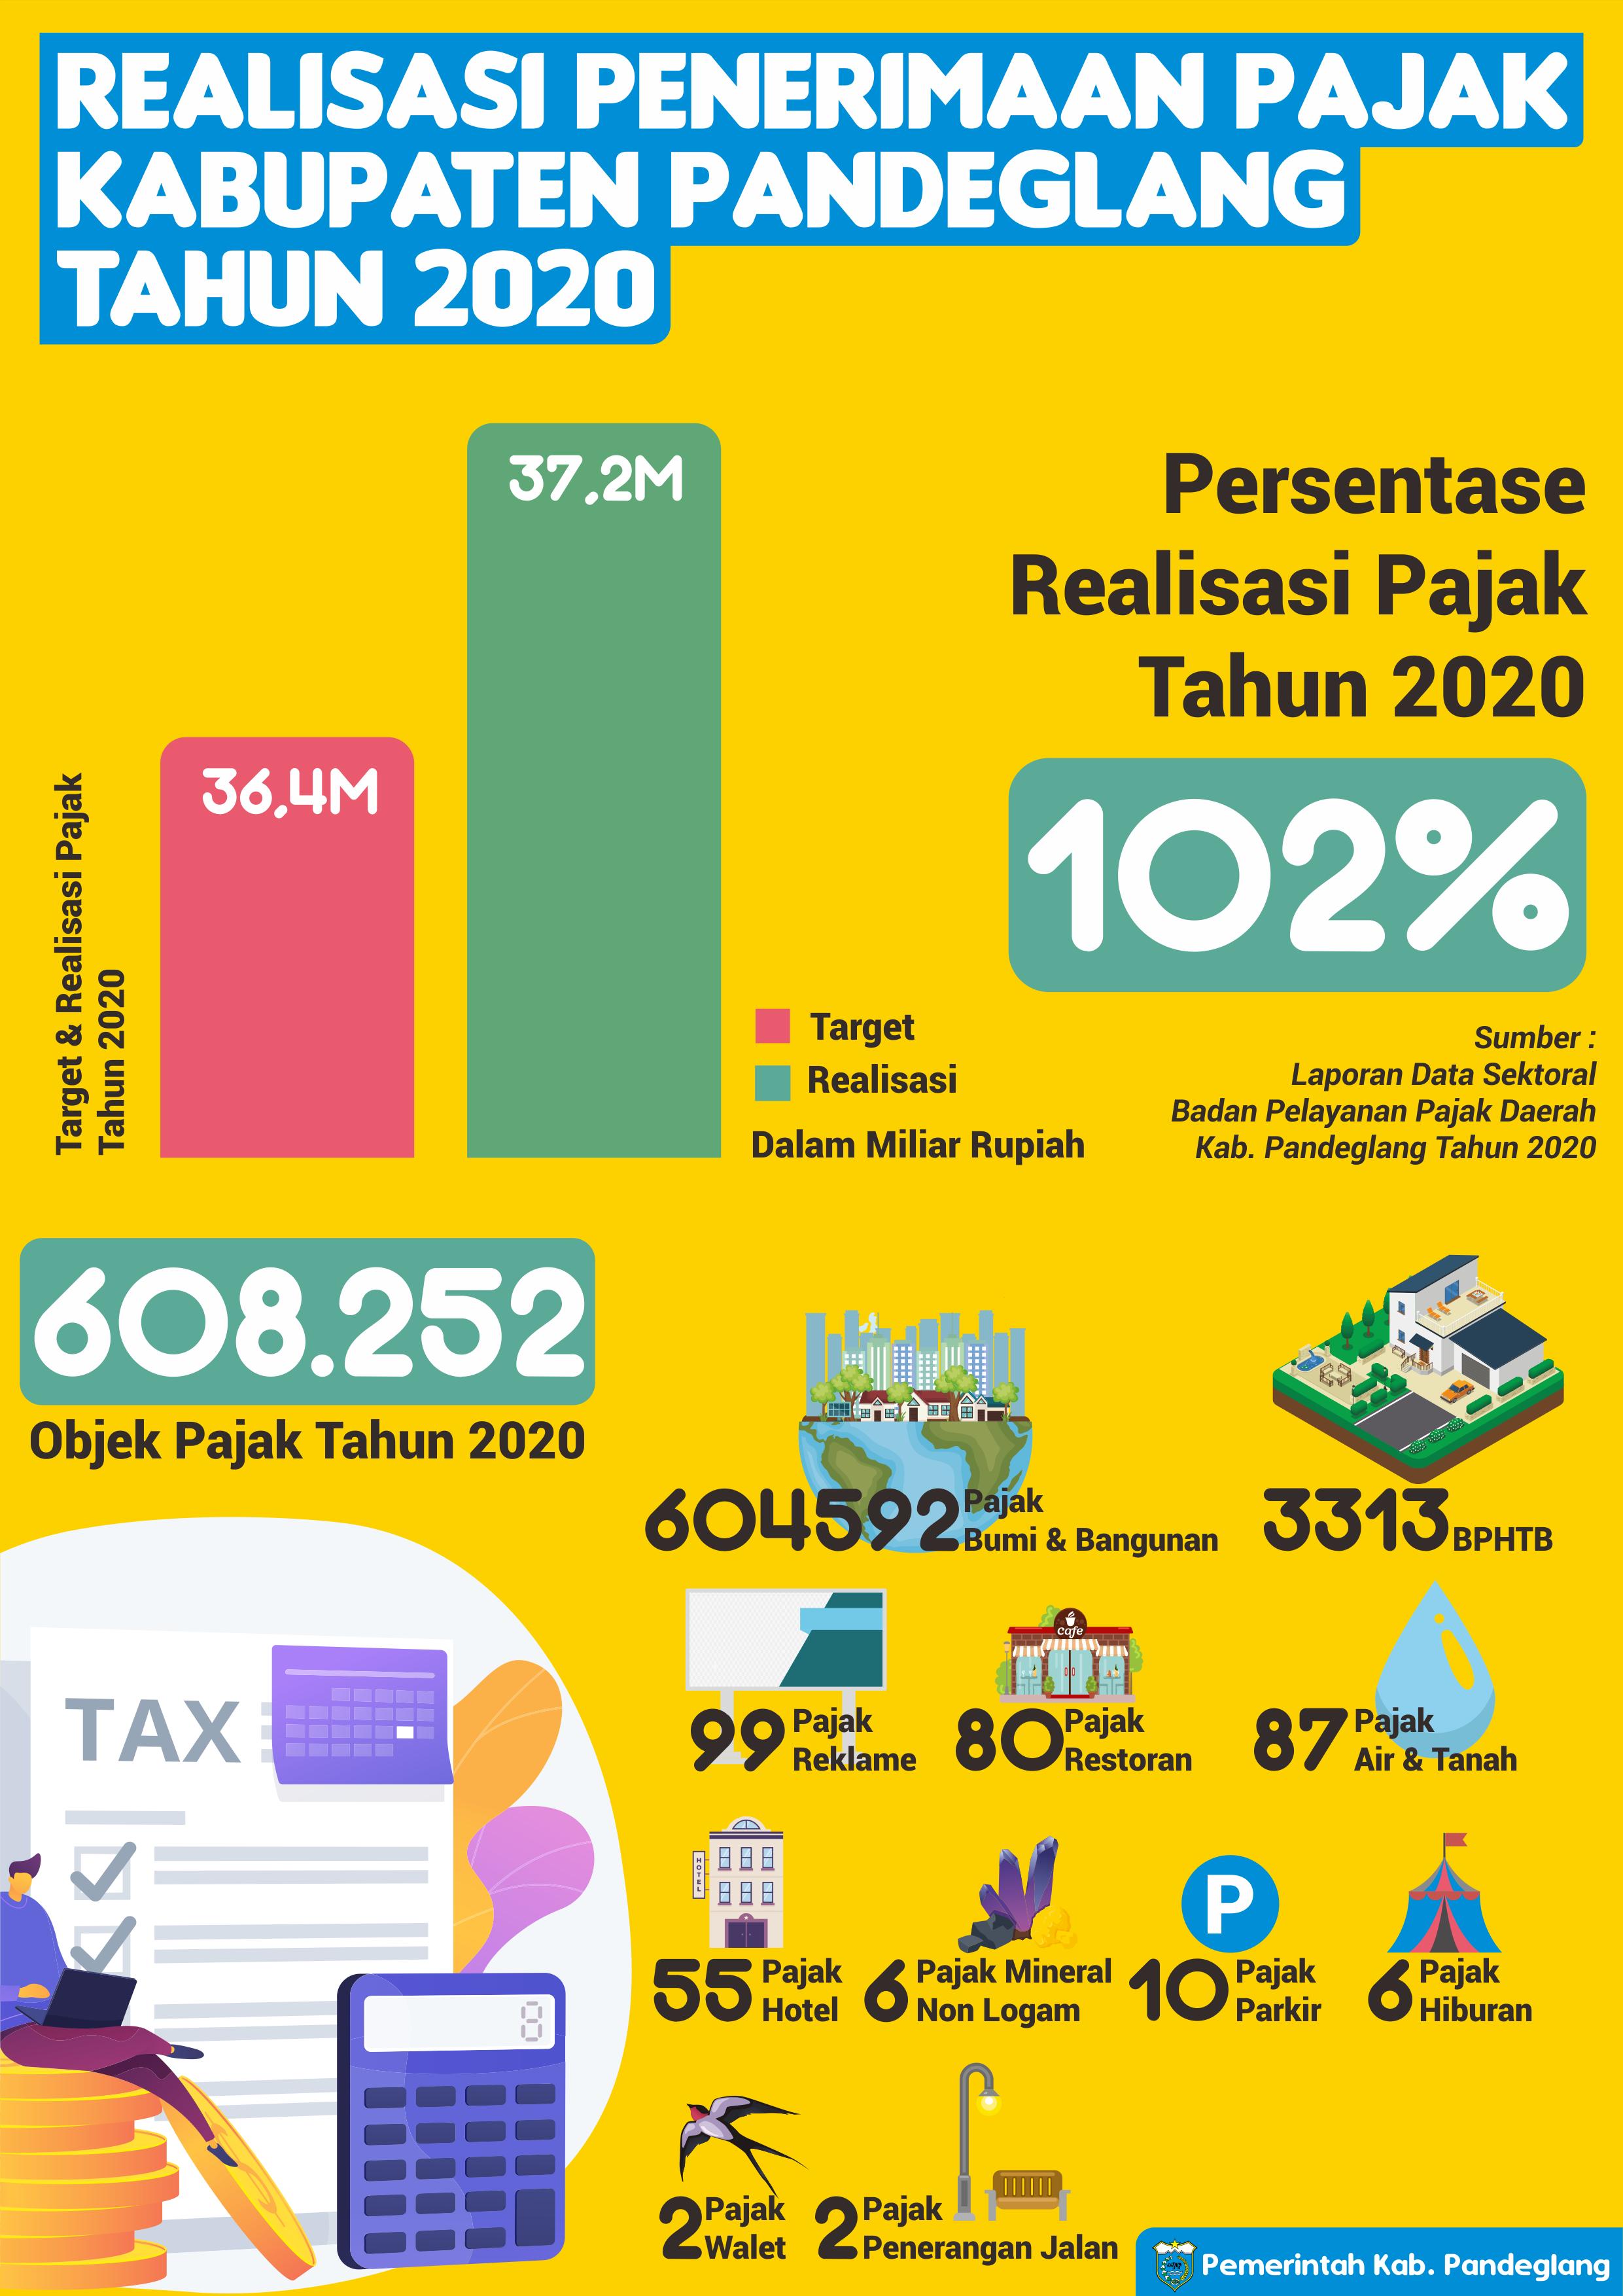 Realisasi Penerimaan Pajak Daerah Kabupaten Pandeglang Tahun 2020